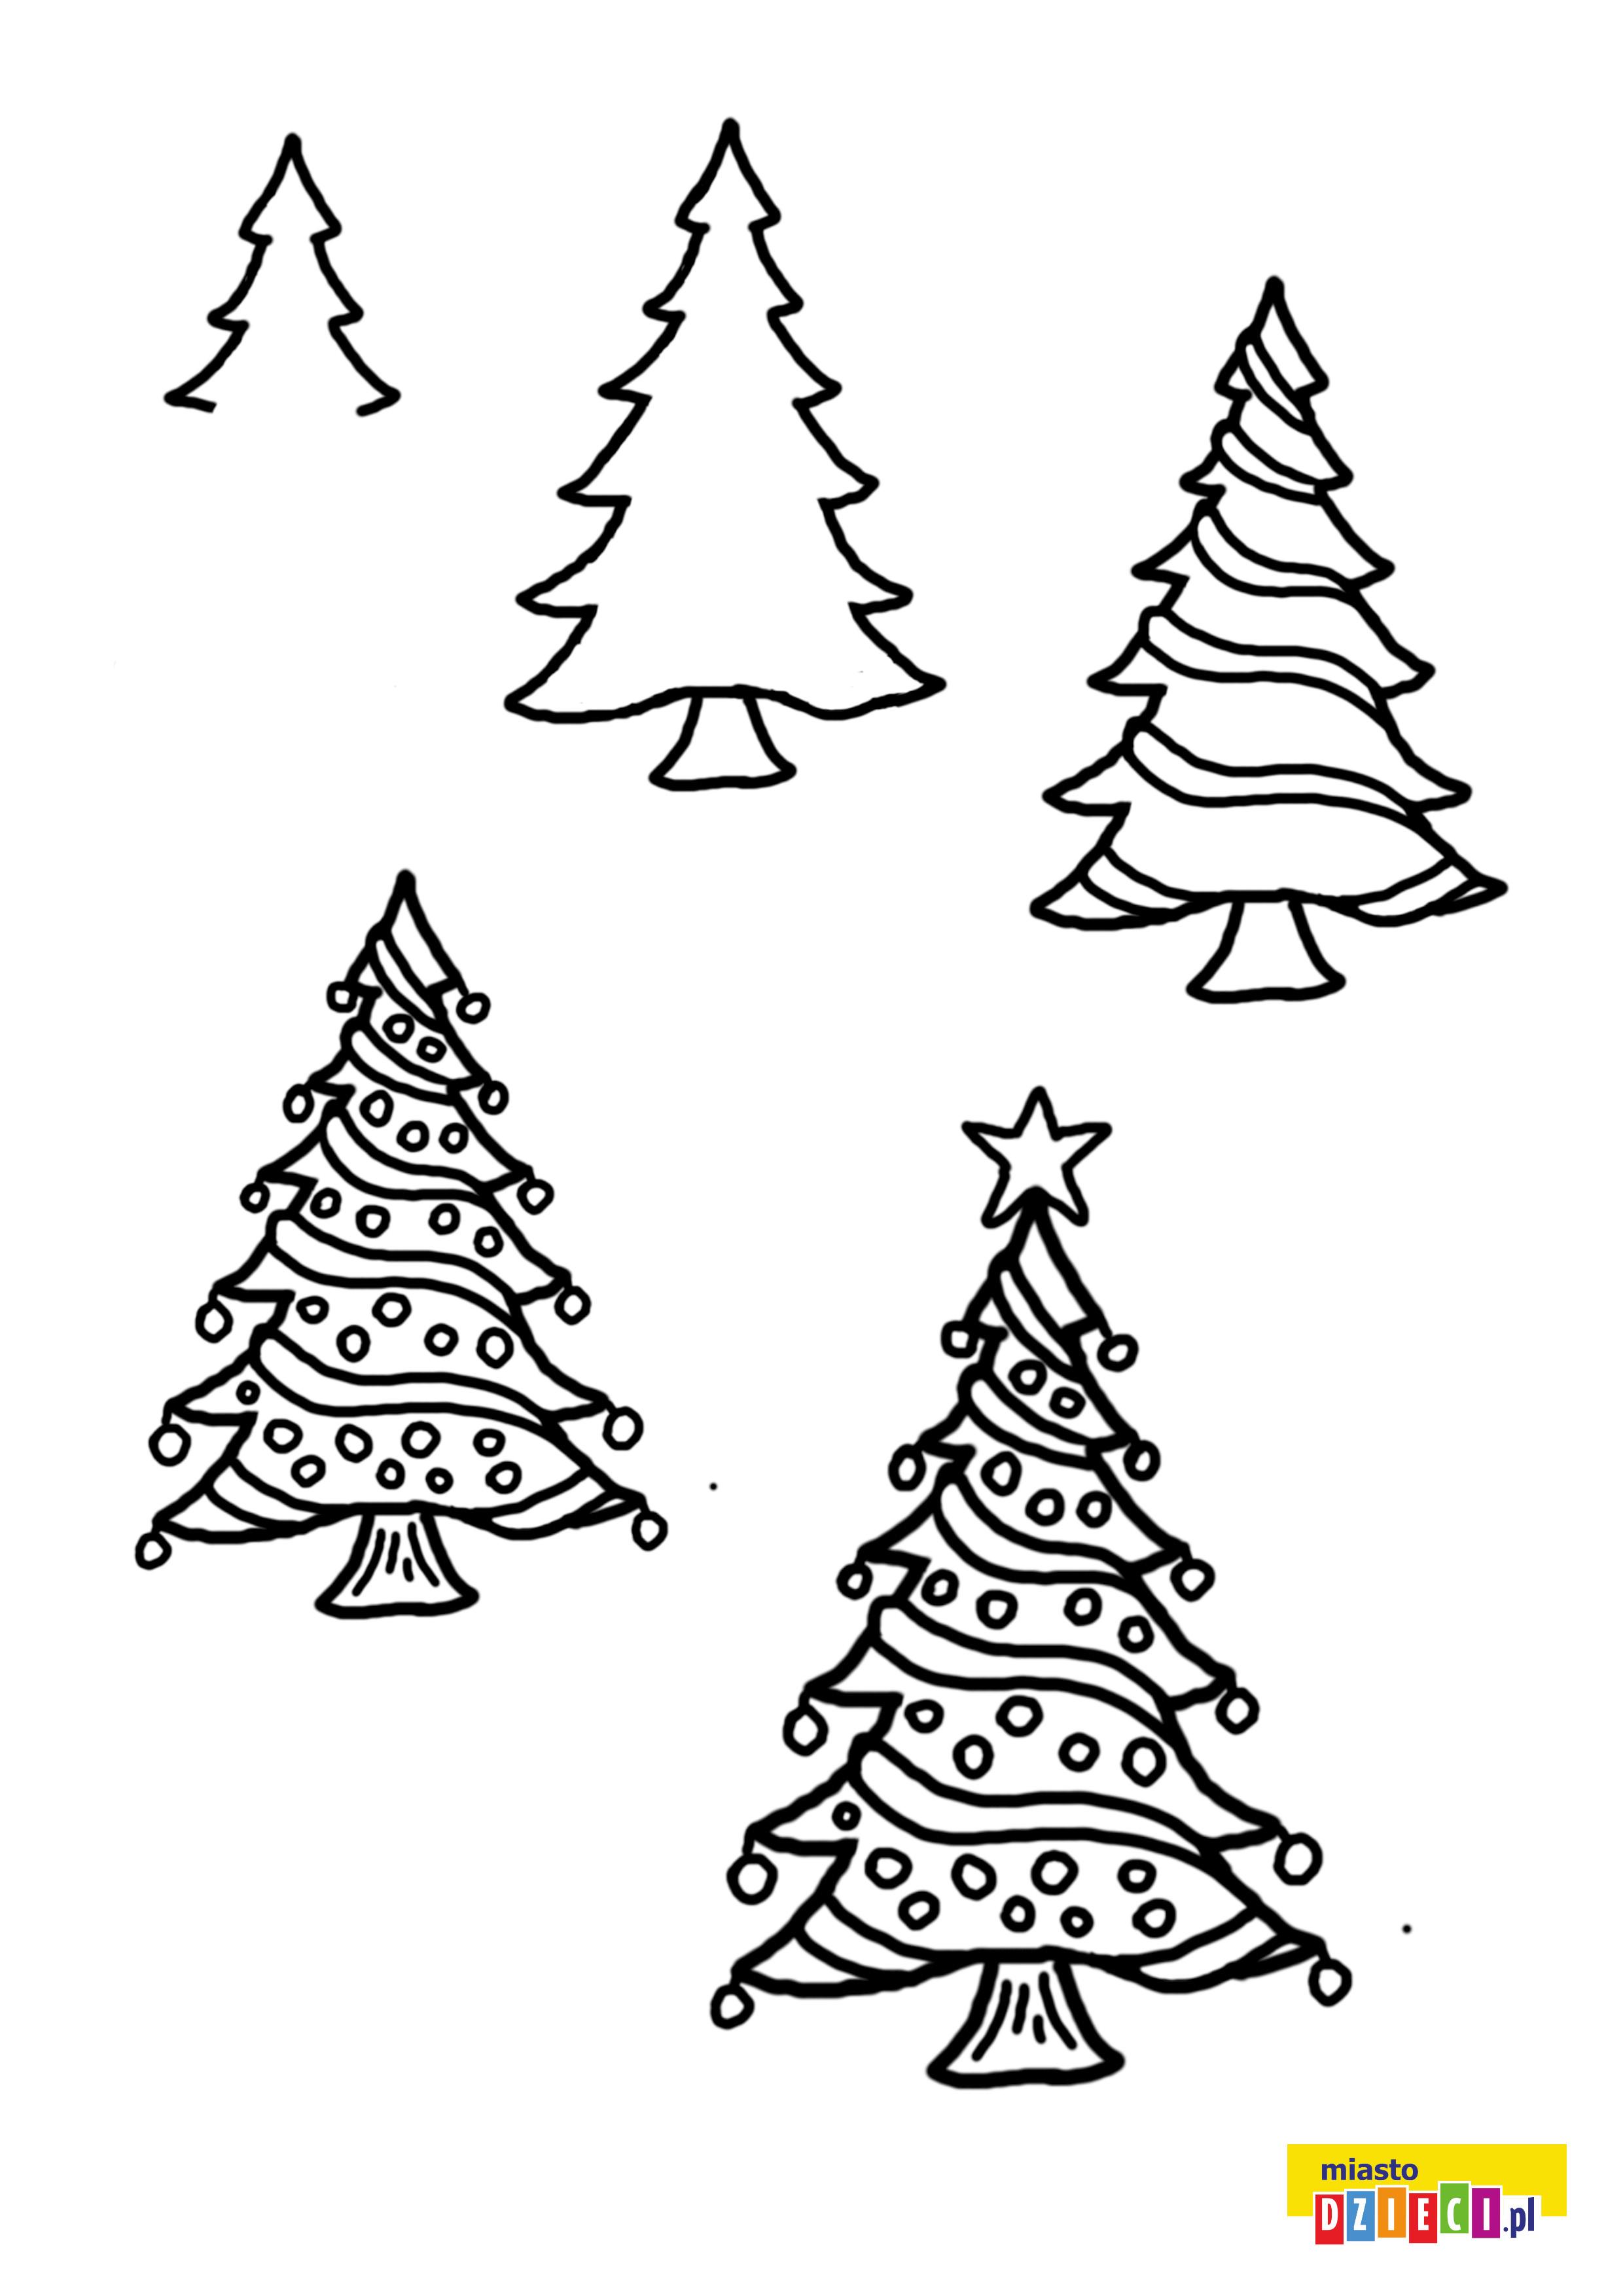 Jak narysować choinkę. Szablony dla dzieci do rysowania